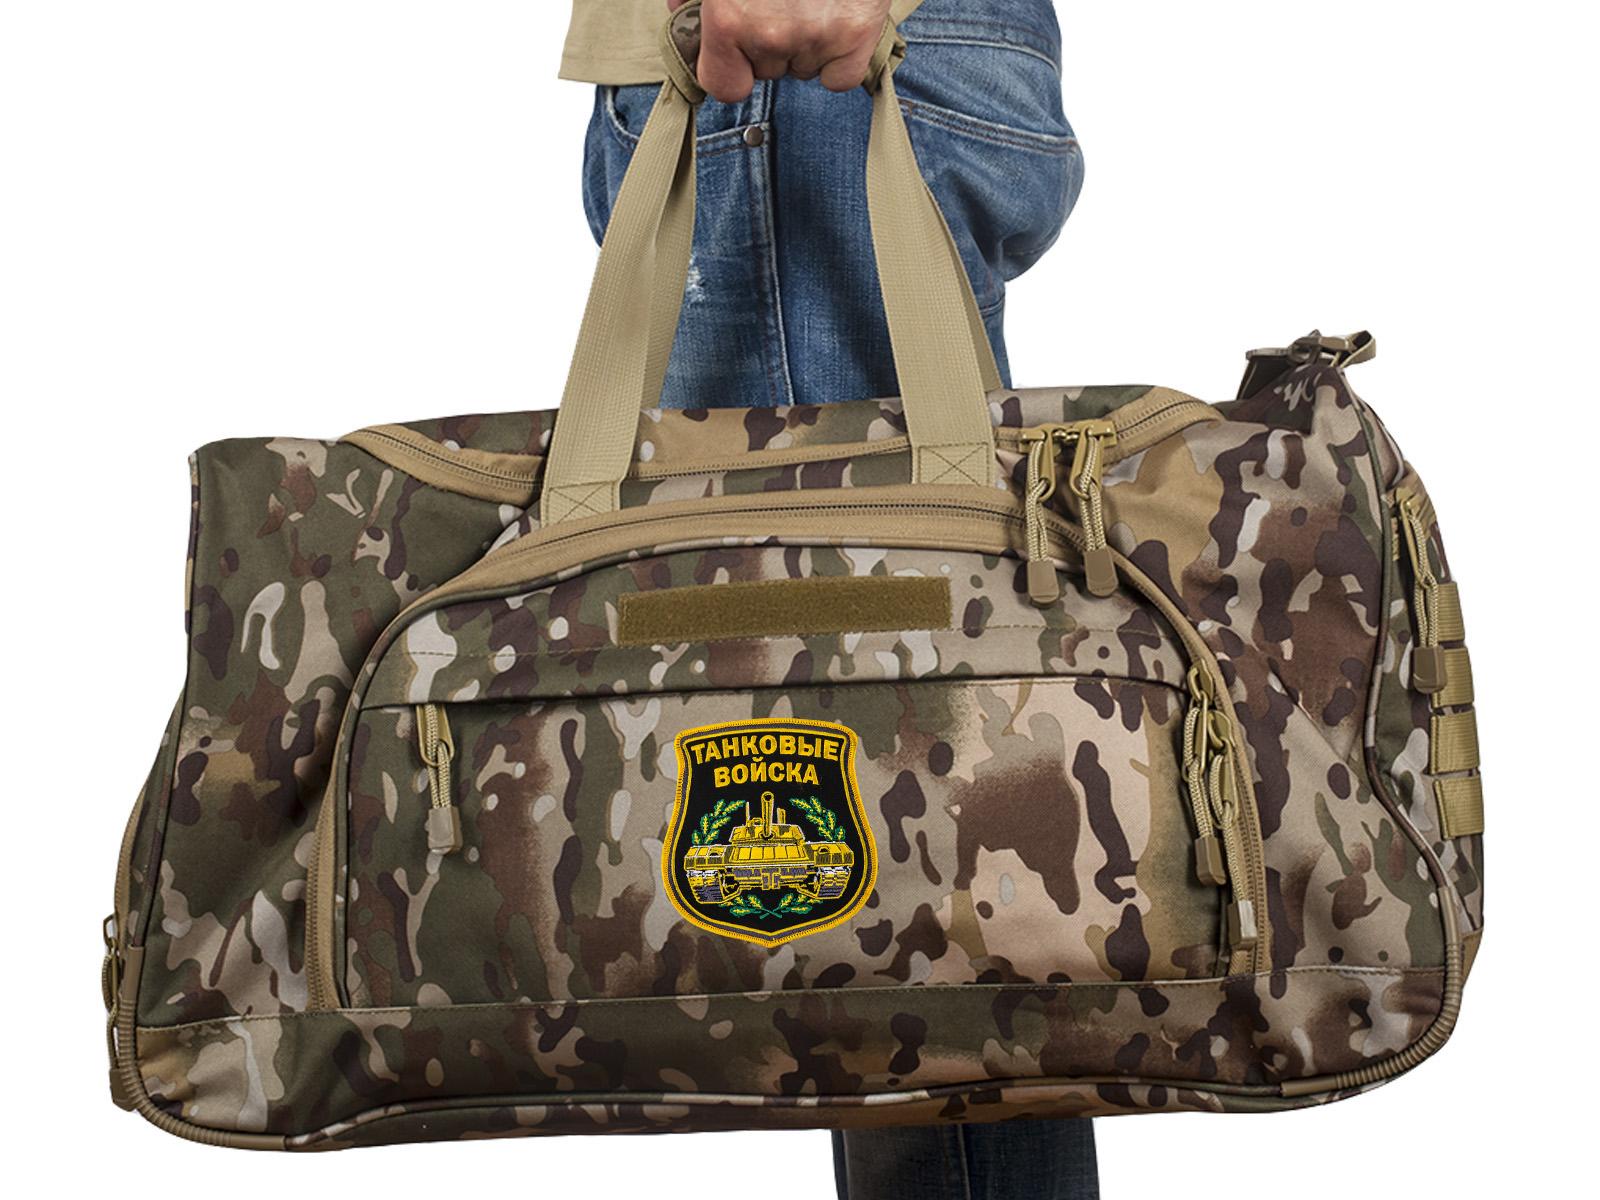 Купить мужскую военную сумку с нашивкой Танковые Войска, код 08032 B в подарок мужчине